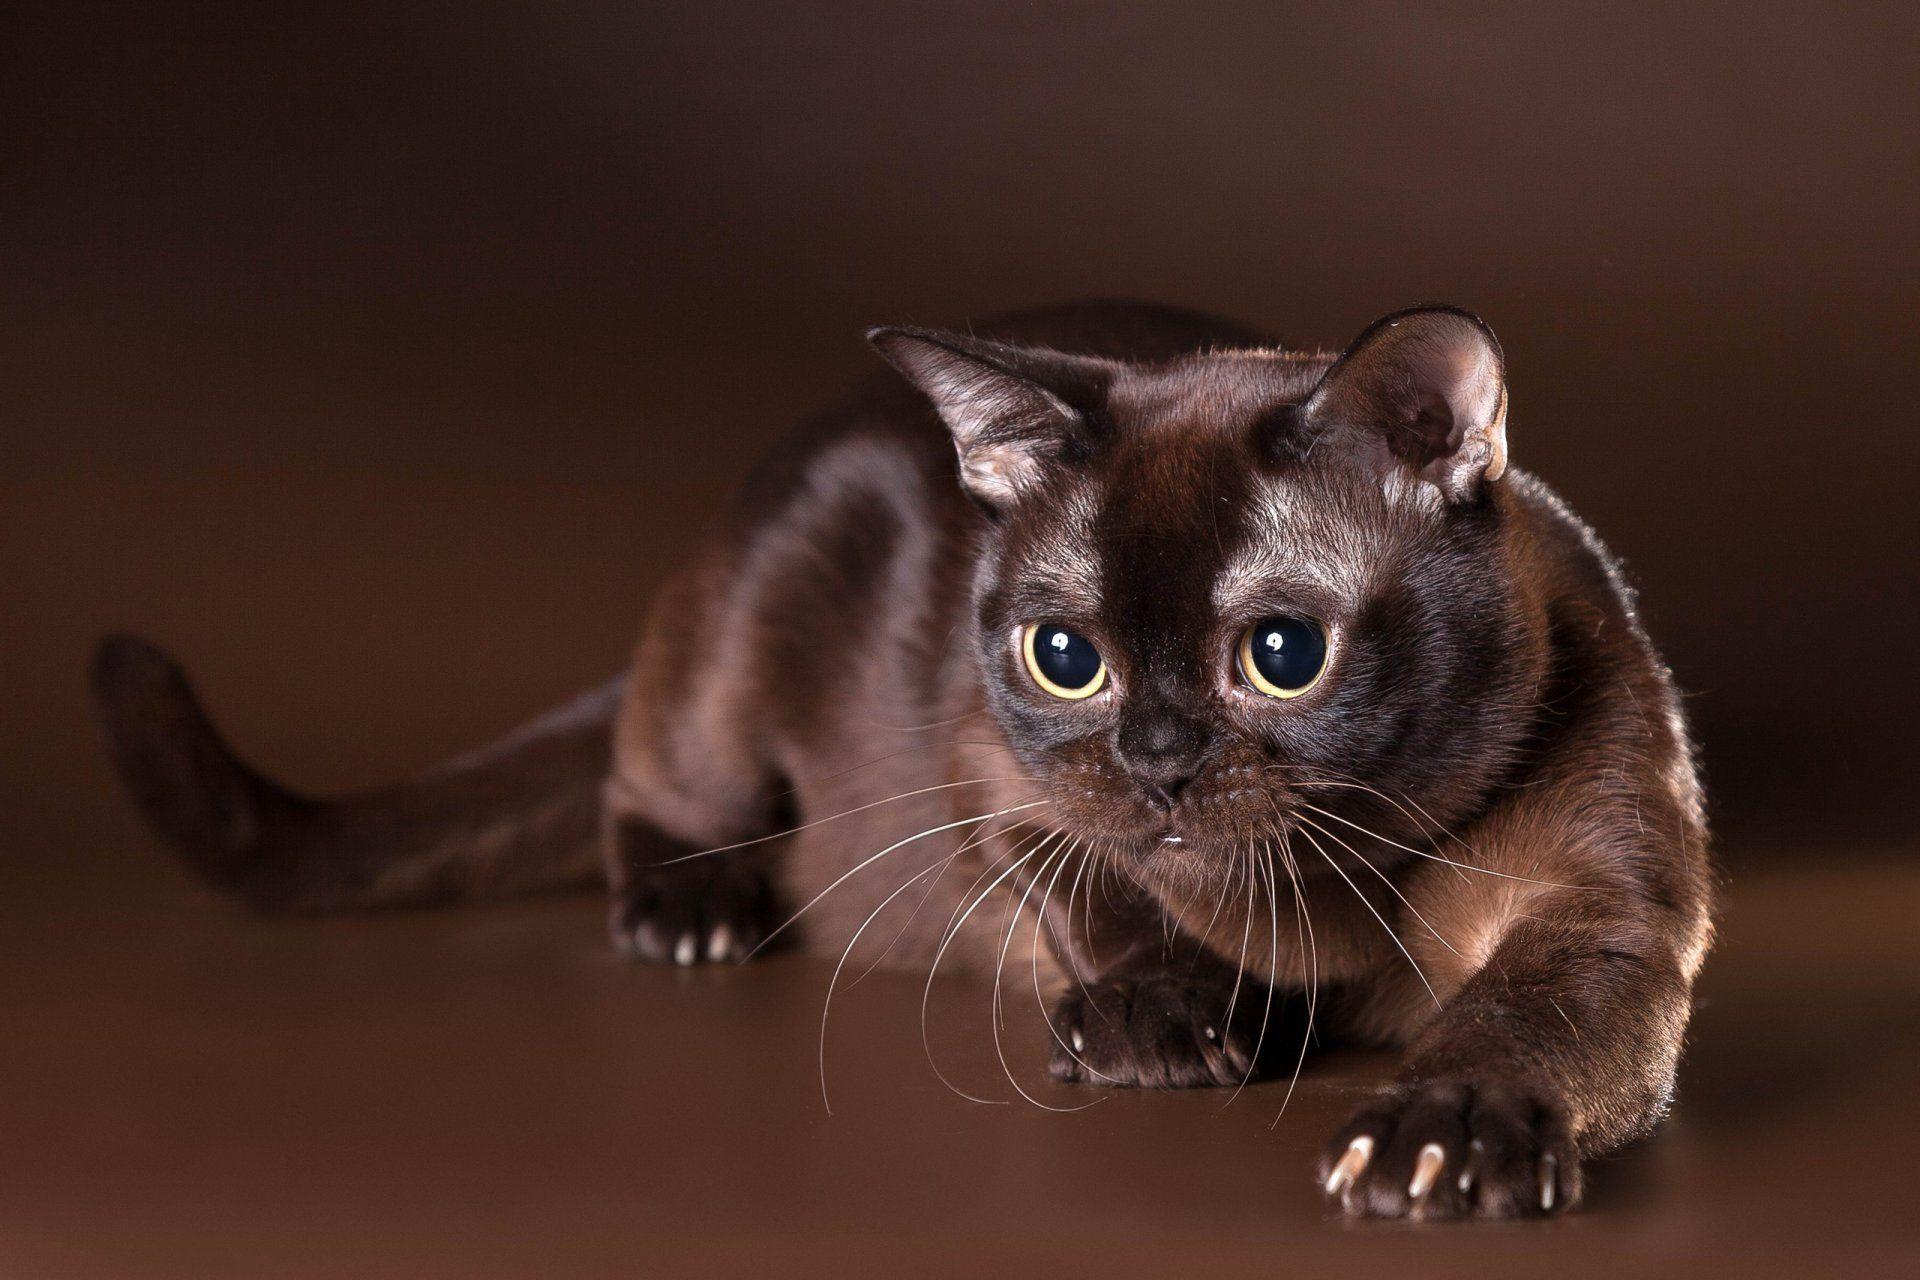 HD Burmese cat or Burma wallpaper | Burmese cat or Burma wallpaper ...